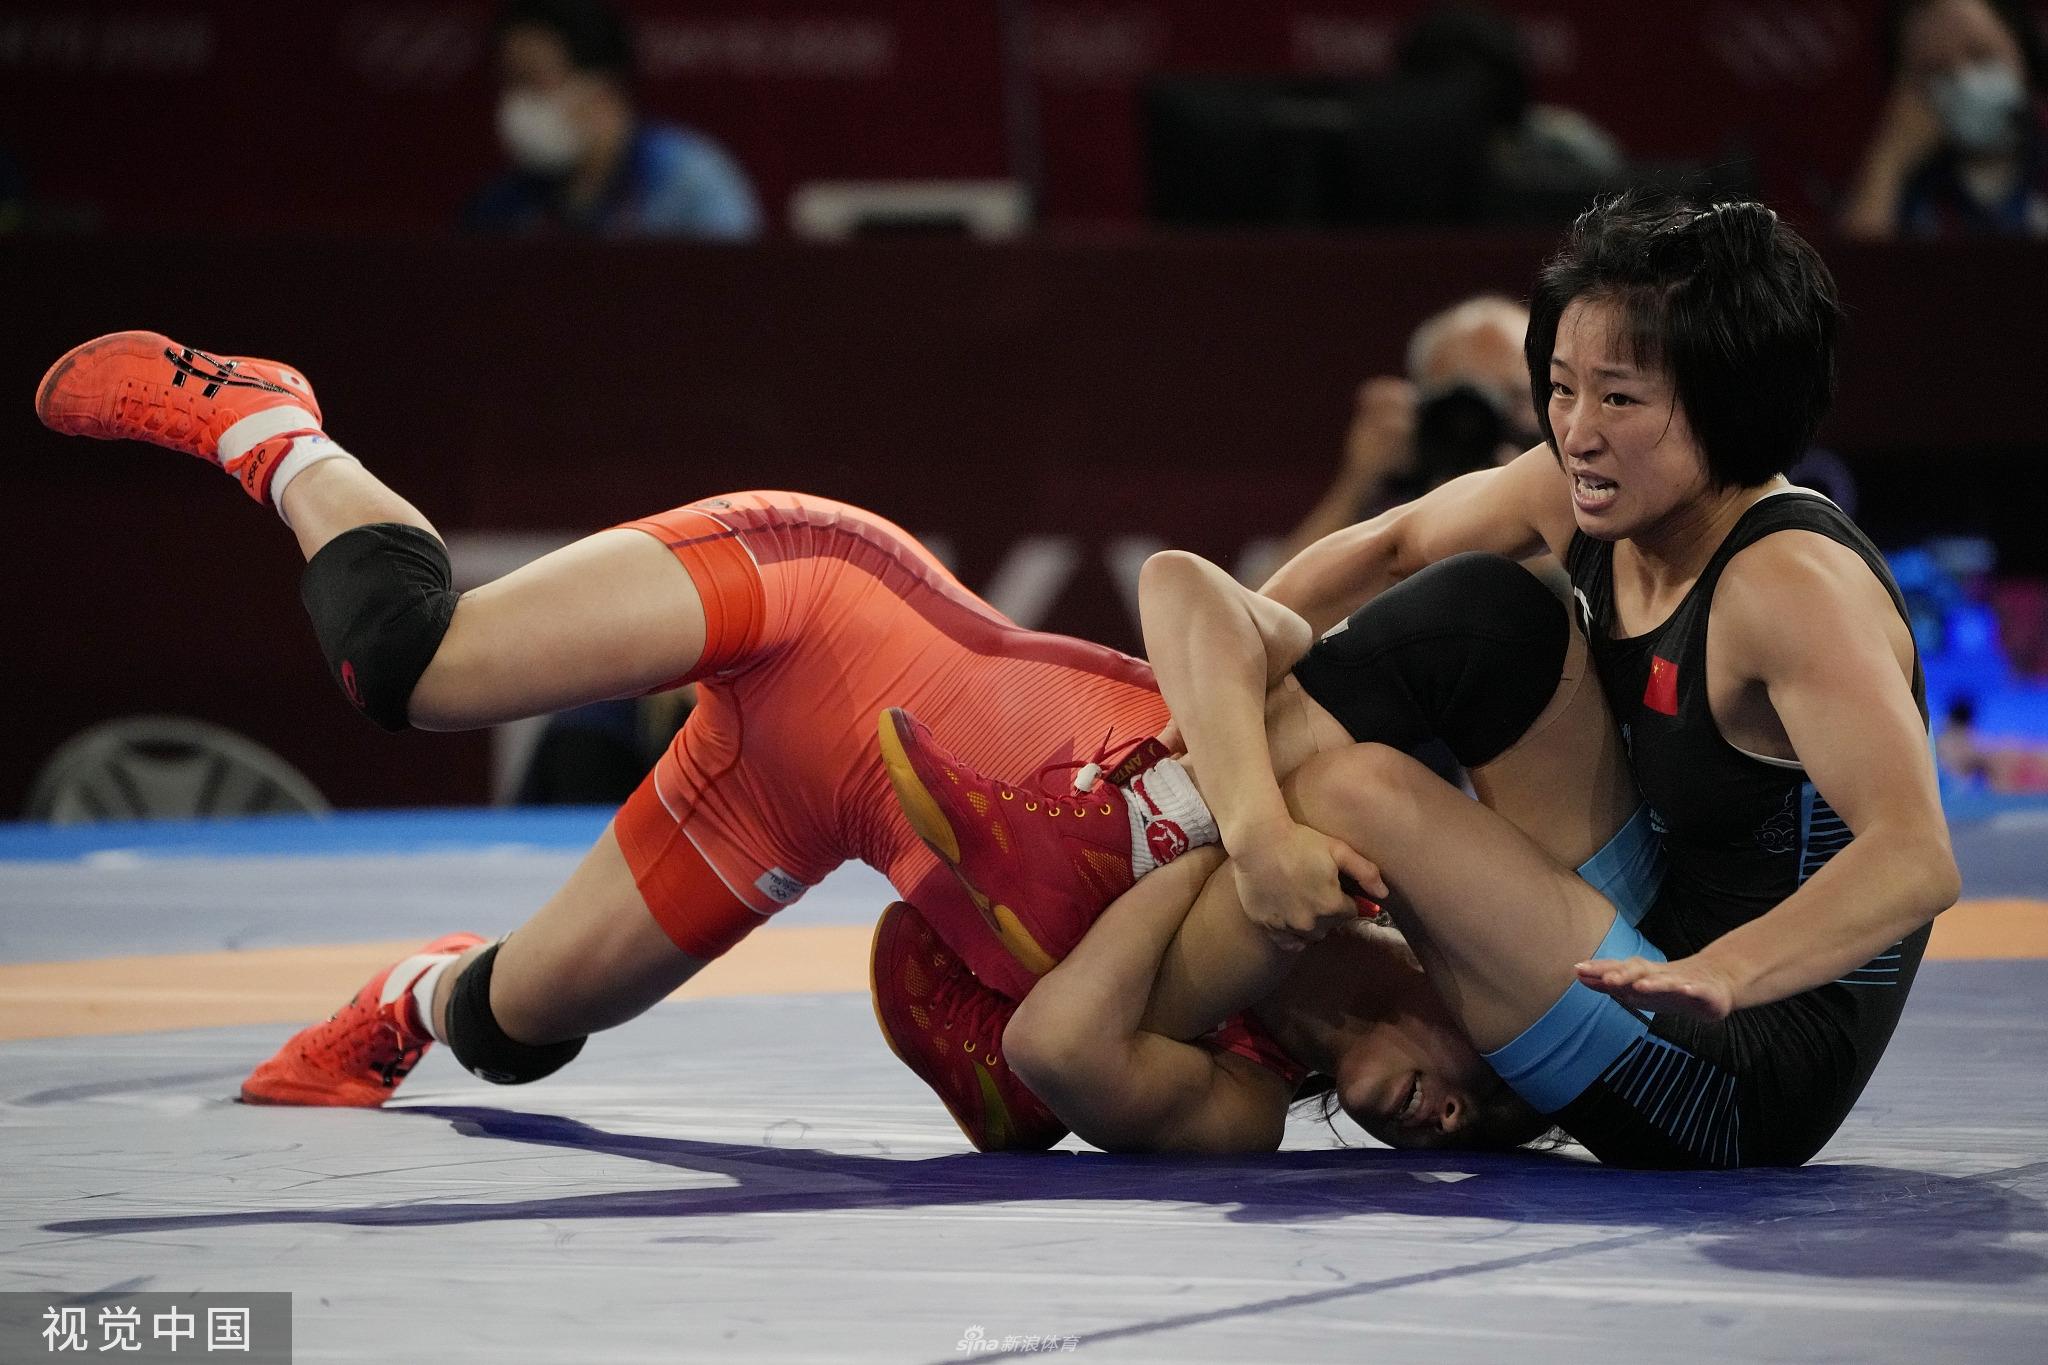 东京奥运有突破有遗憾 中国摔跤面向未来再出发